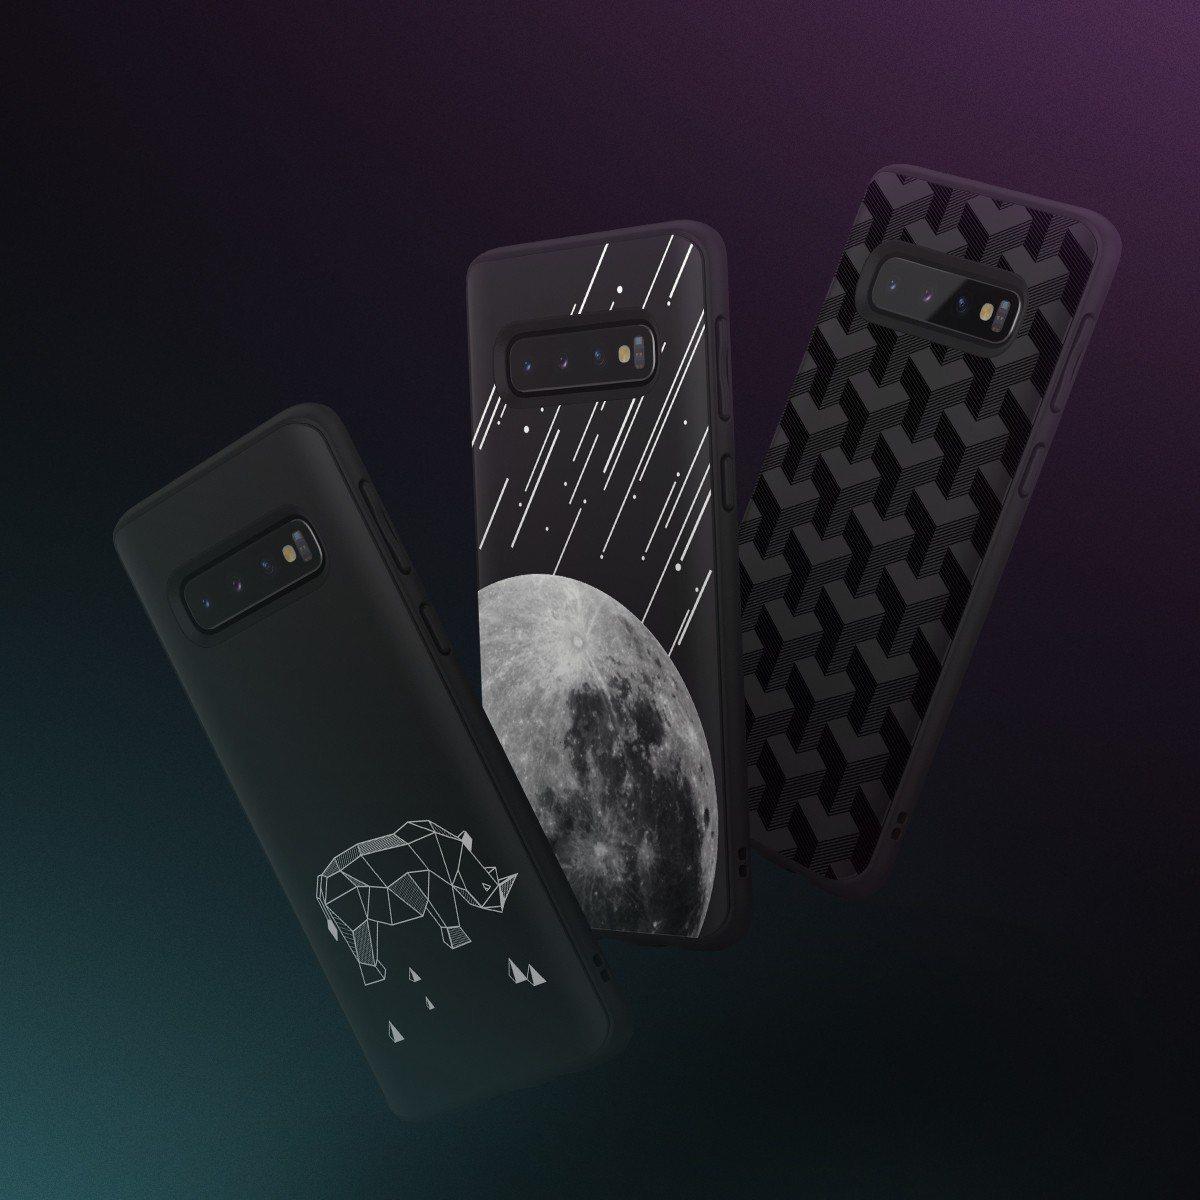 犀牛盾S10系列經典款背蓋手機殼,具防摔功能又有許多不同風格的獨家設計款式可選擇...